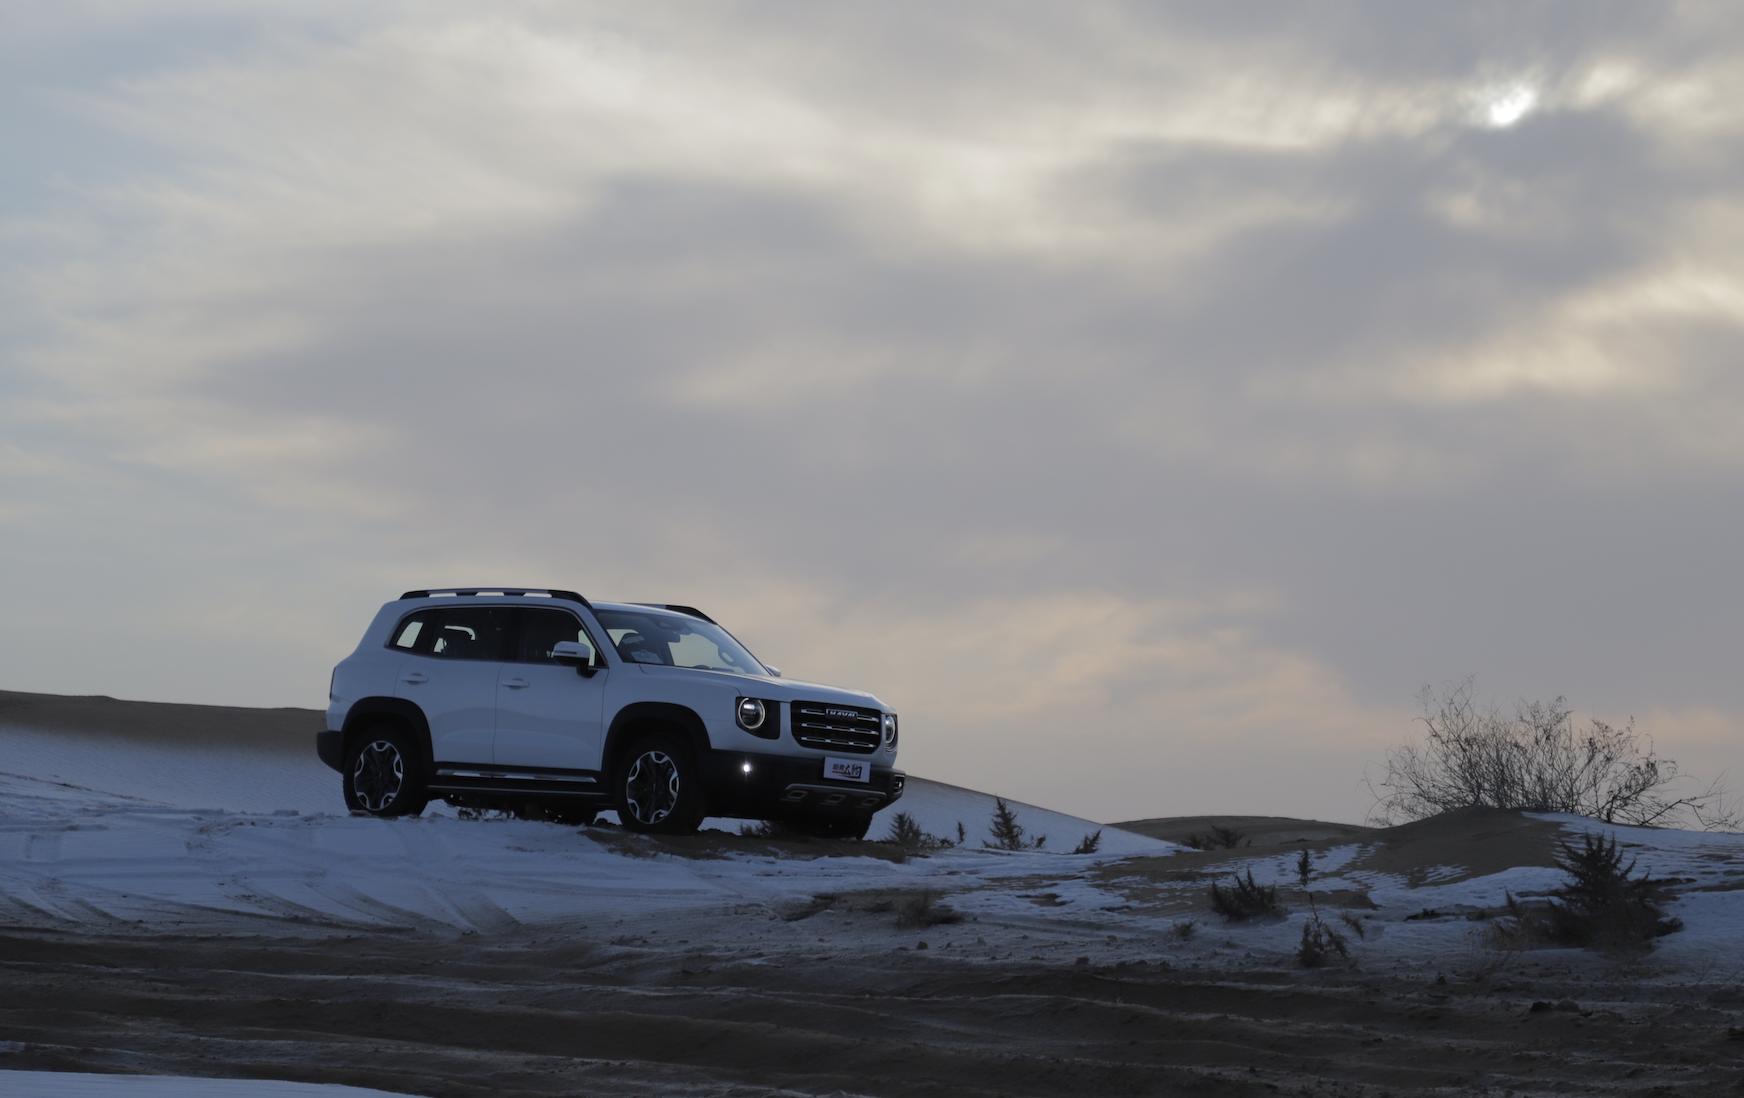 冬季也能放肆躁 哈弗大狗让你尽享冰雪驾驶乐趣